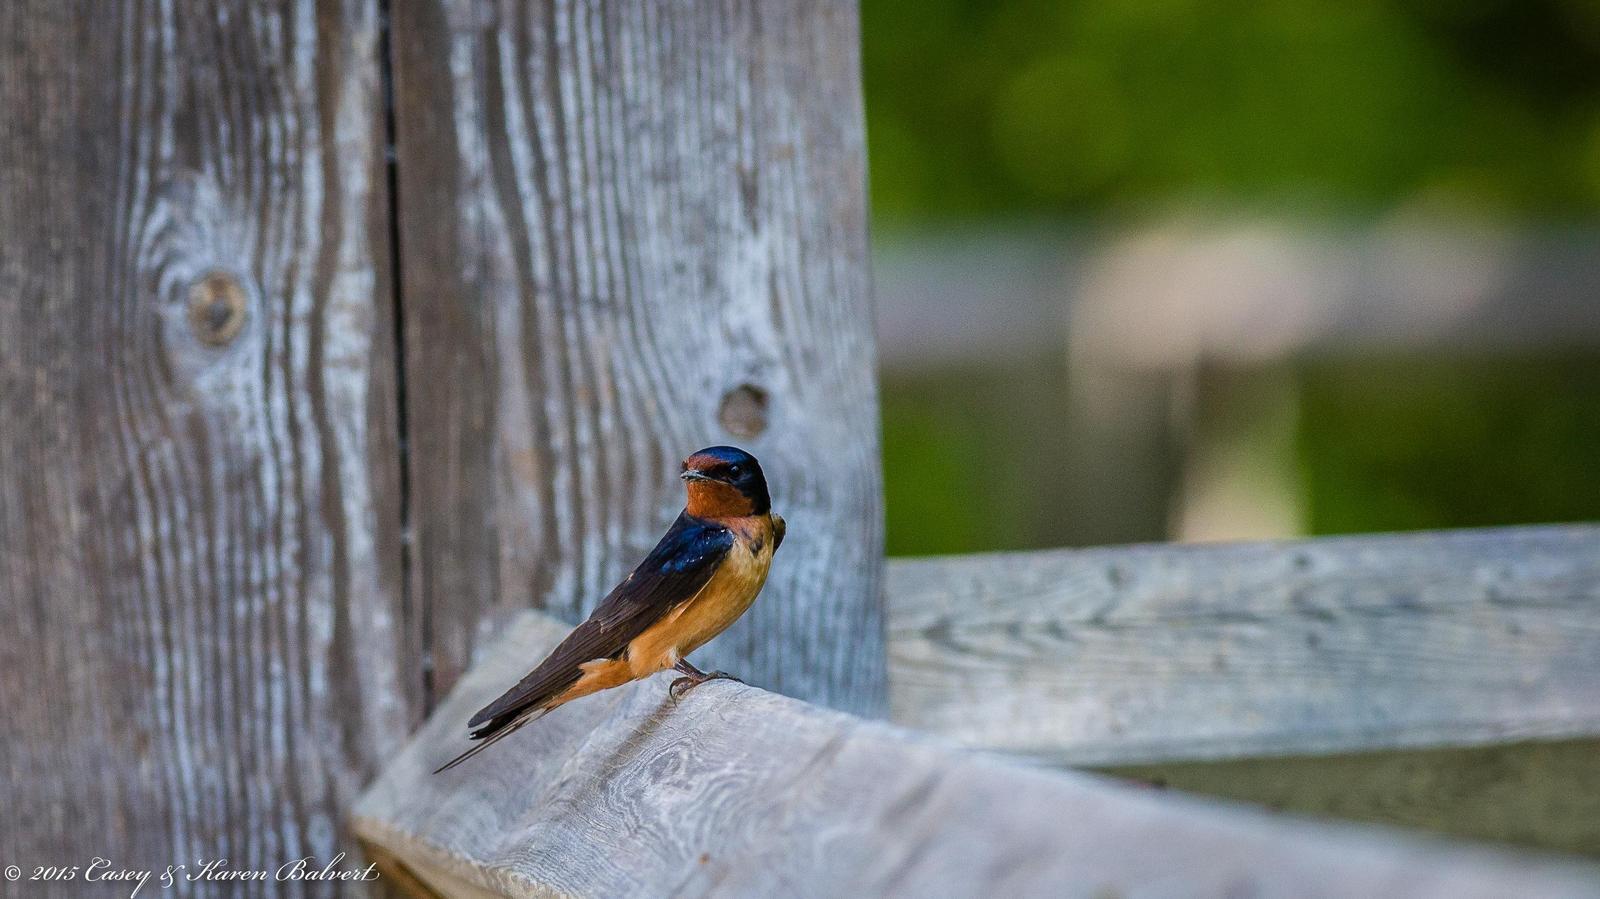 Barn Swallow Photo by Casey Balvert